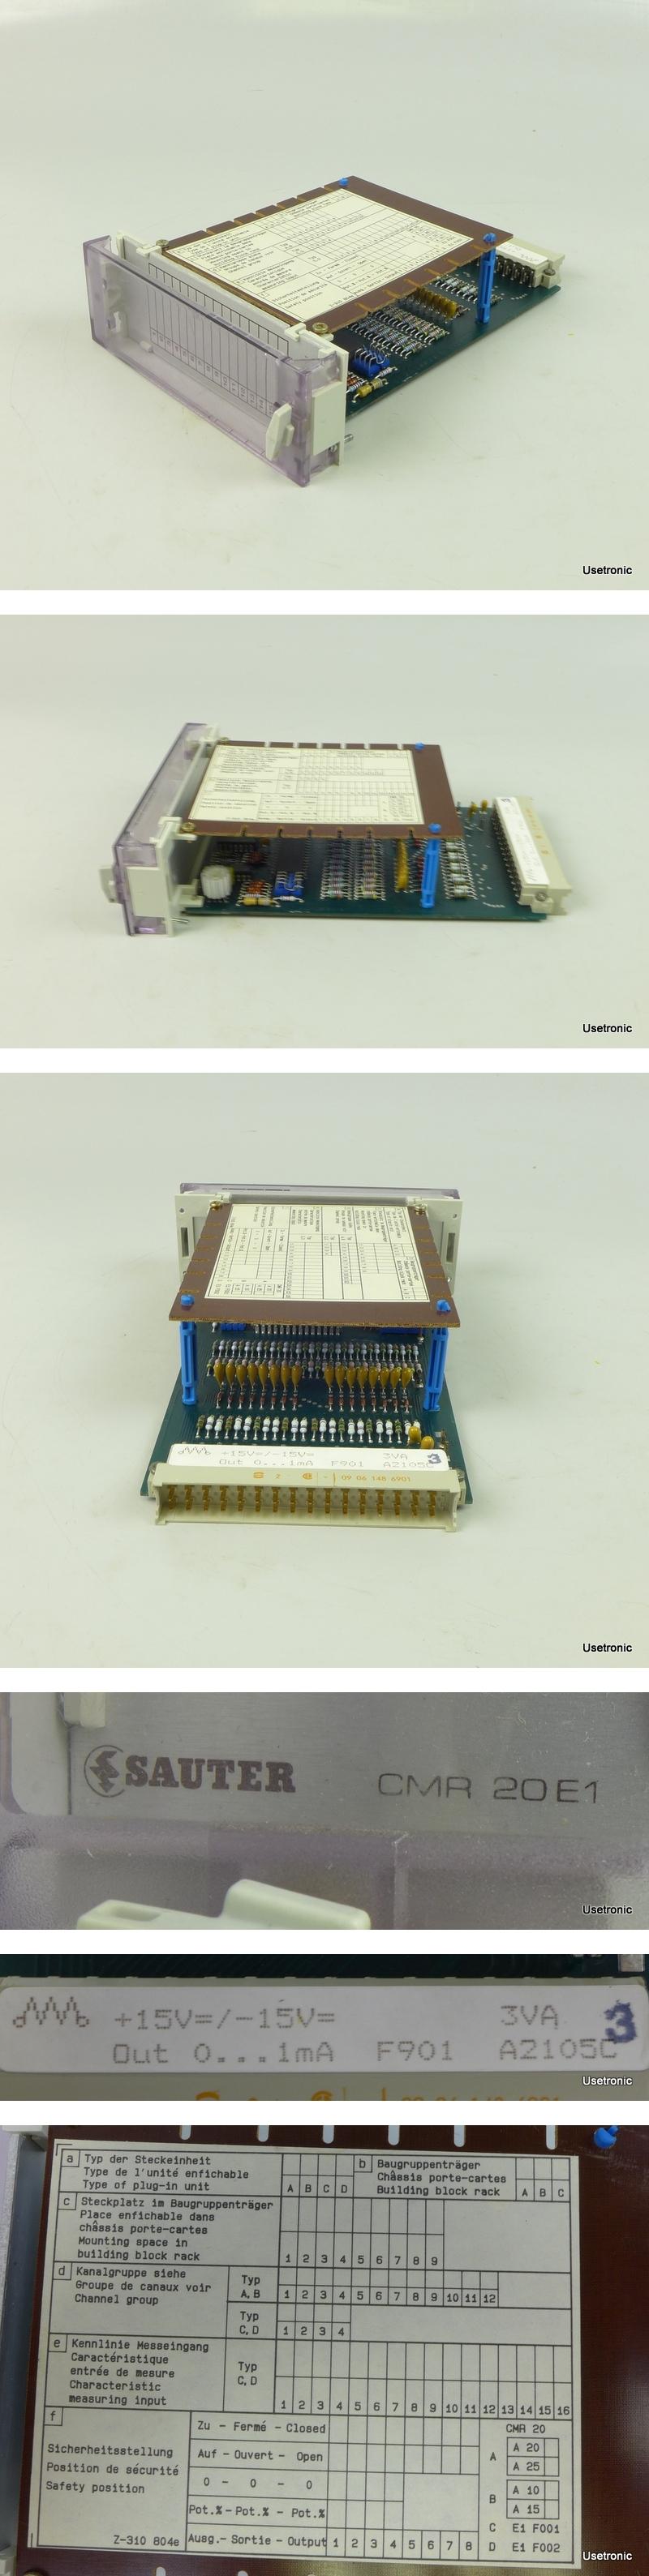 Sauter CMR 20E1